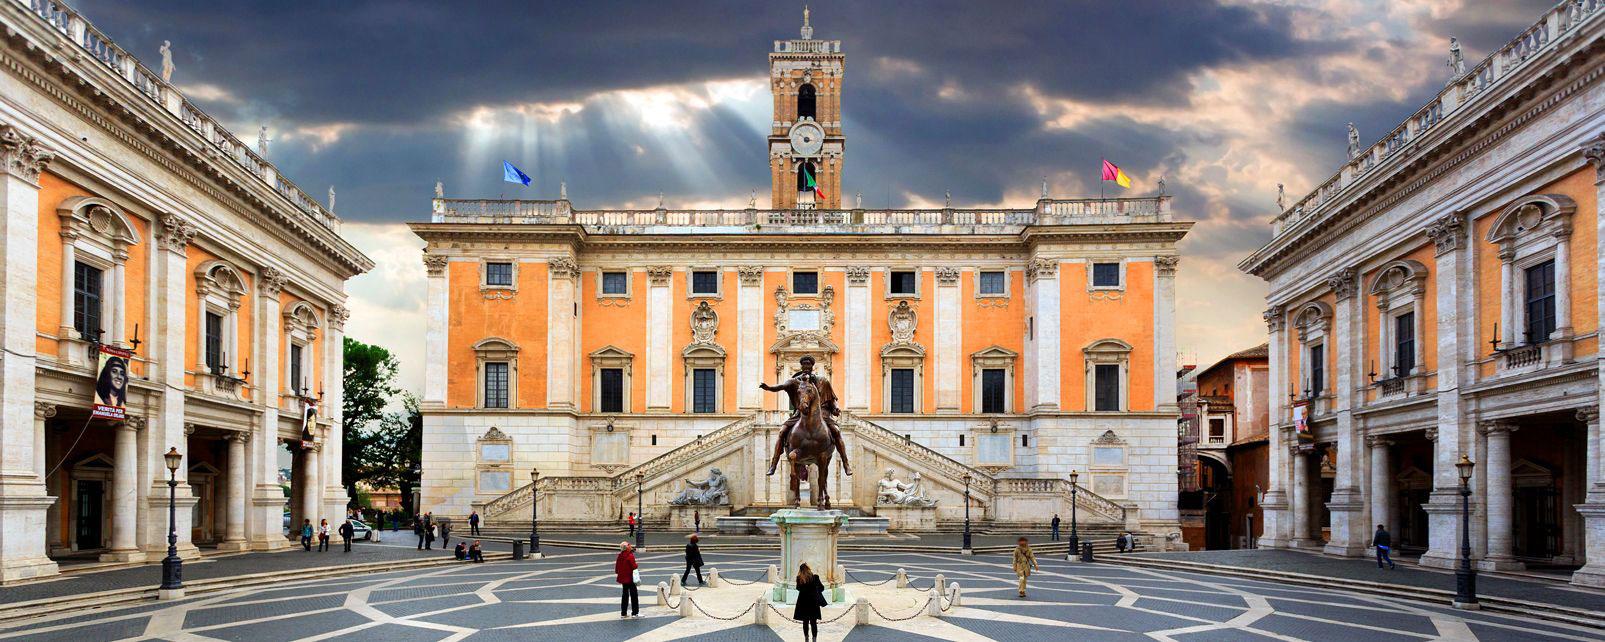 Campidoglio Meydanı - Roma